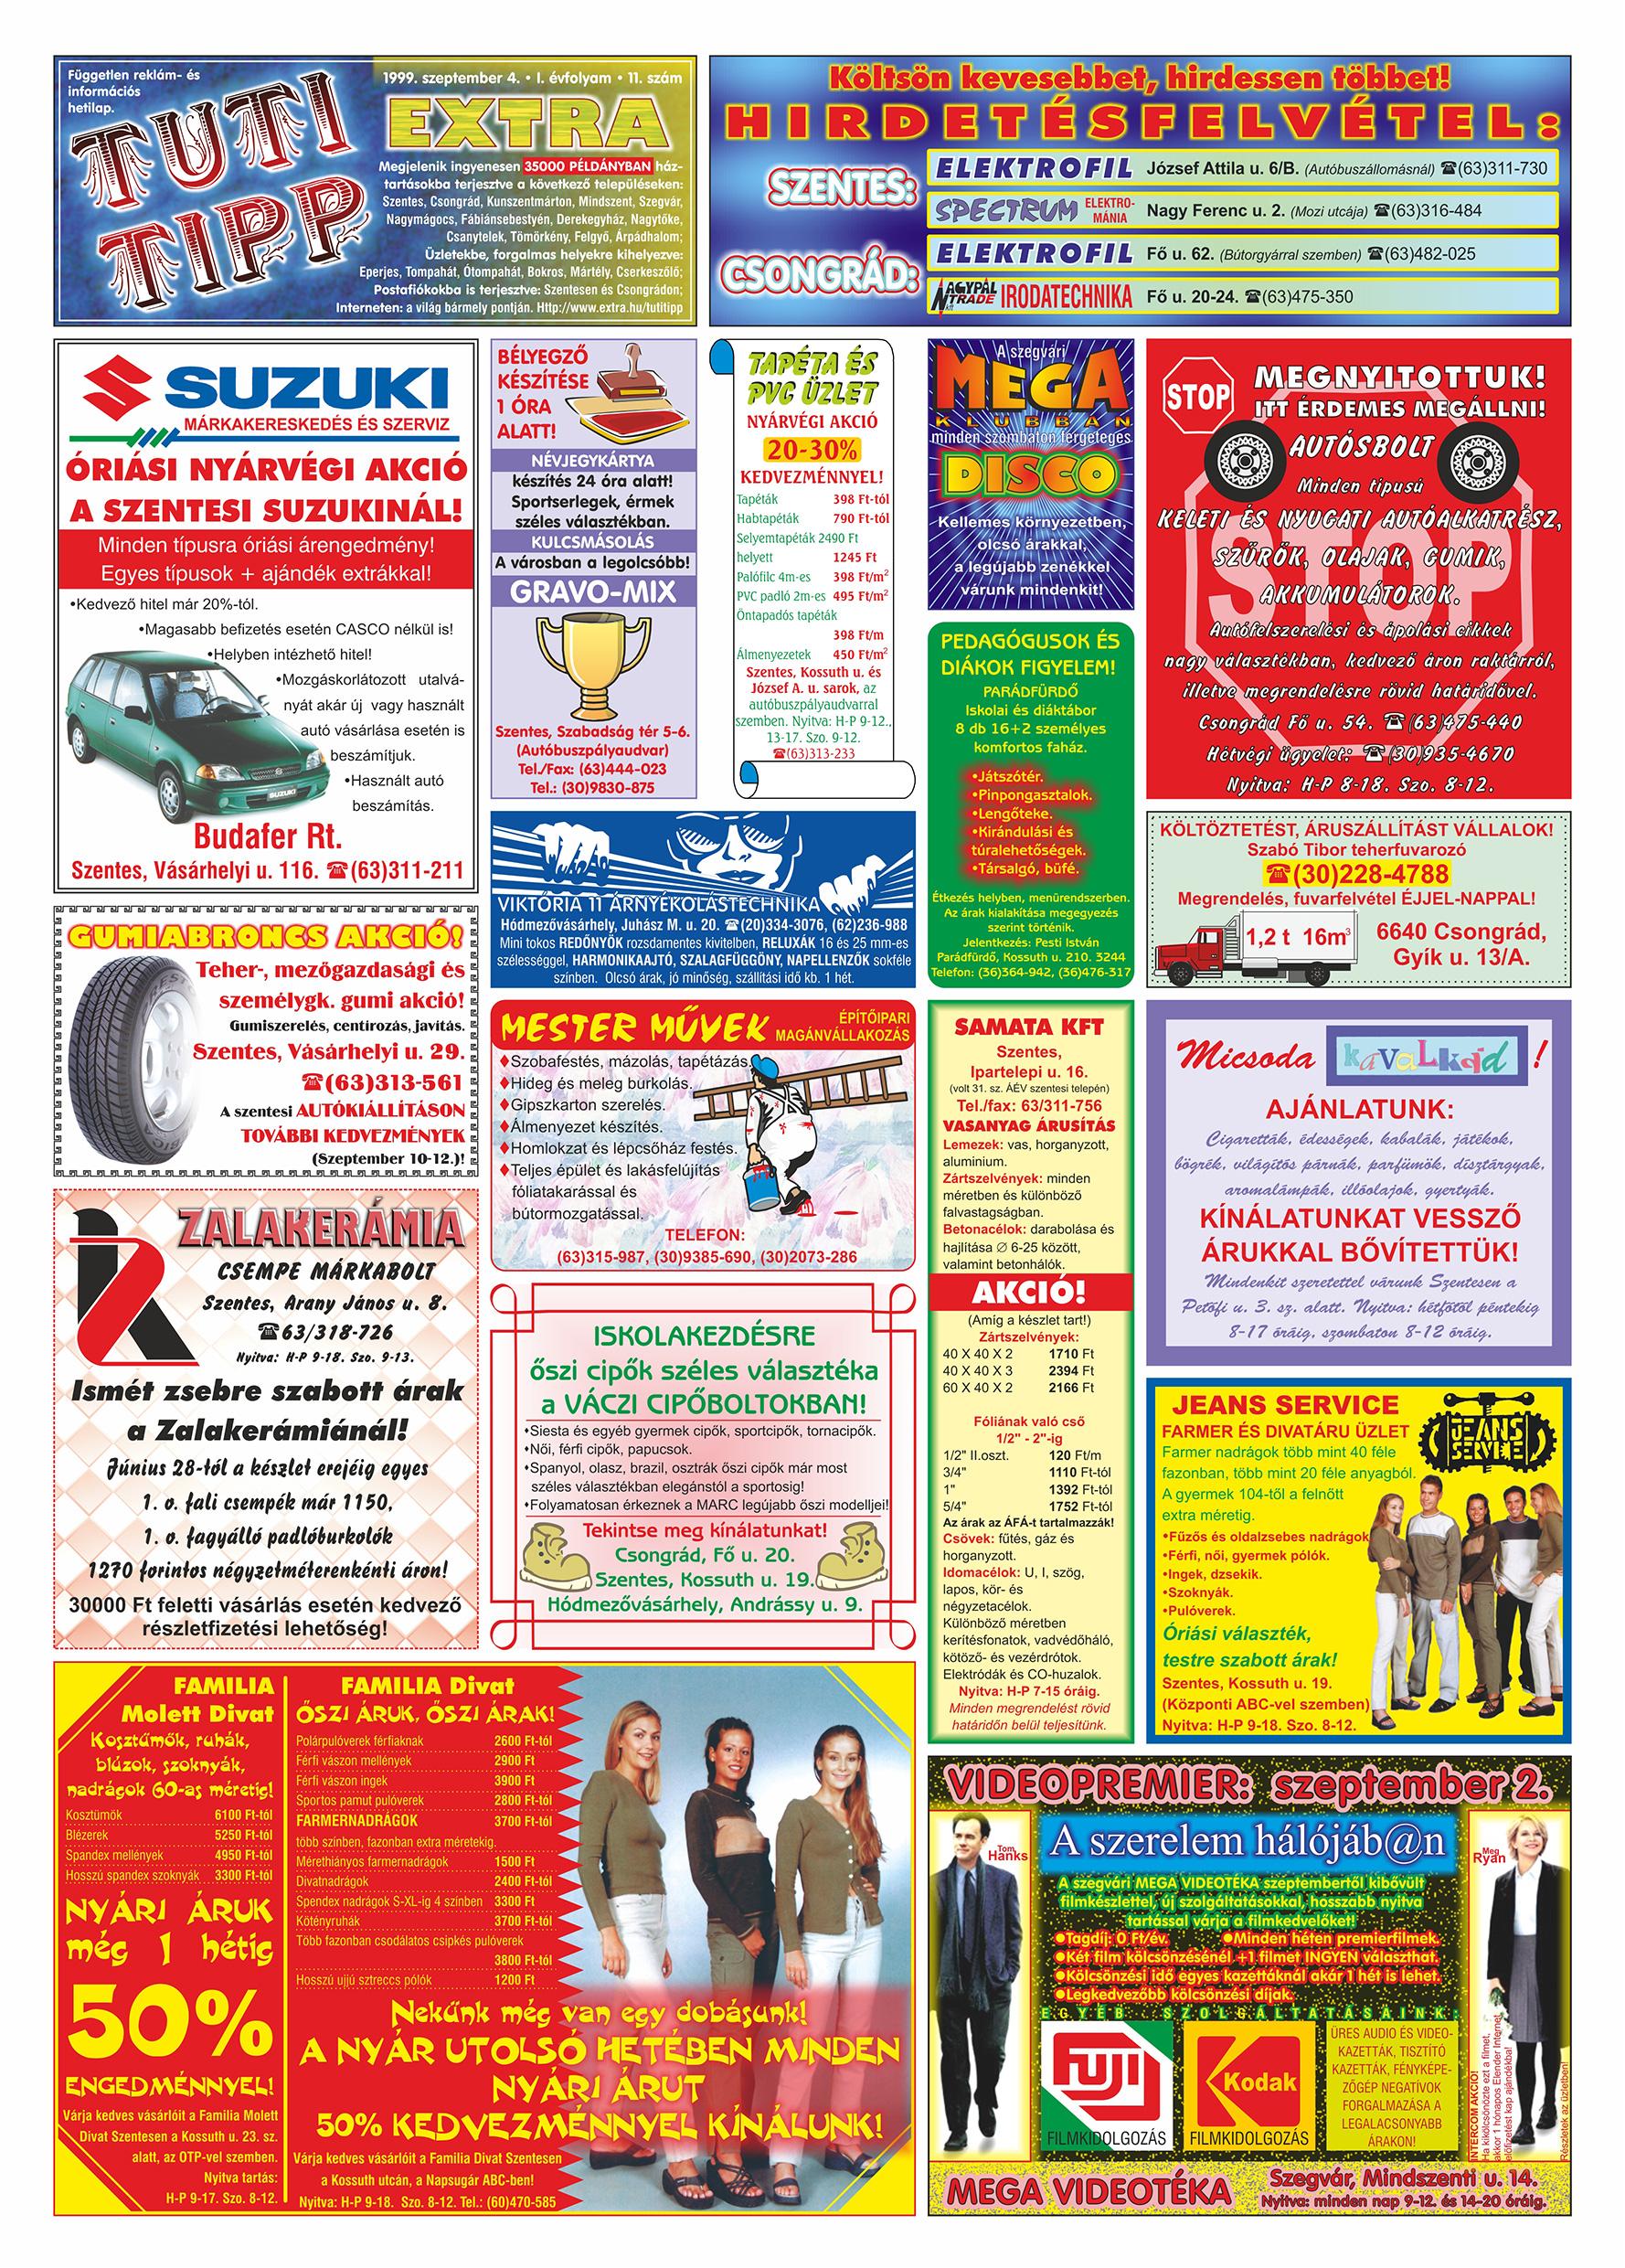 047 Tuti Tipp Extra reklámújság - 19990904-011. lapszám - 1.oldal - V. évfolyam.jpg